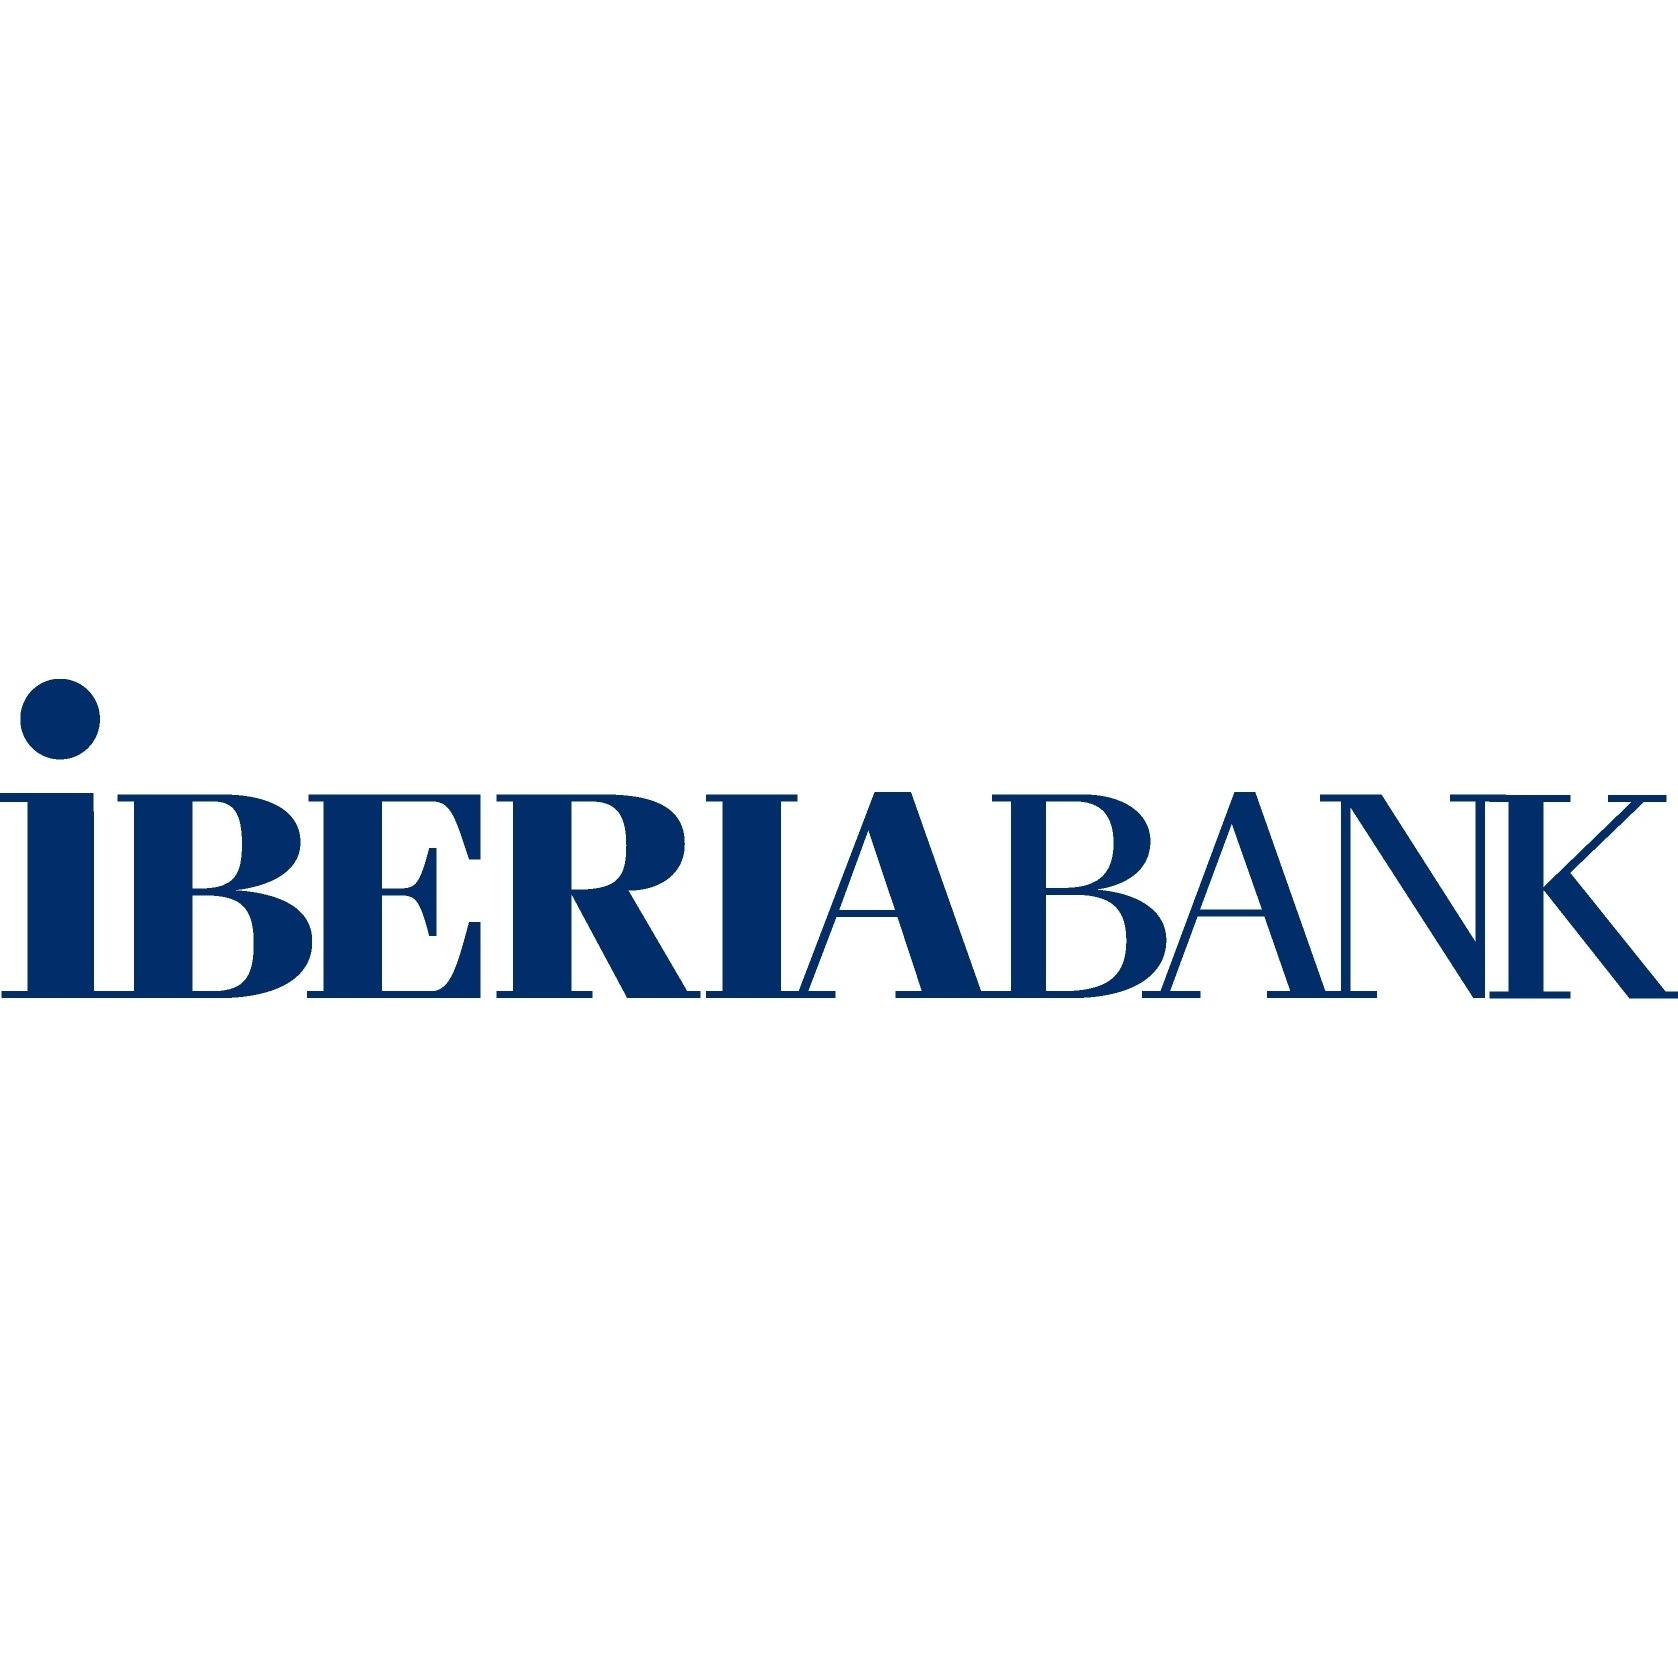 Mira mesa payday loan image 4